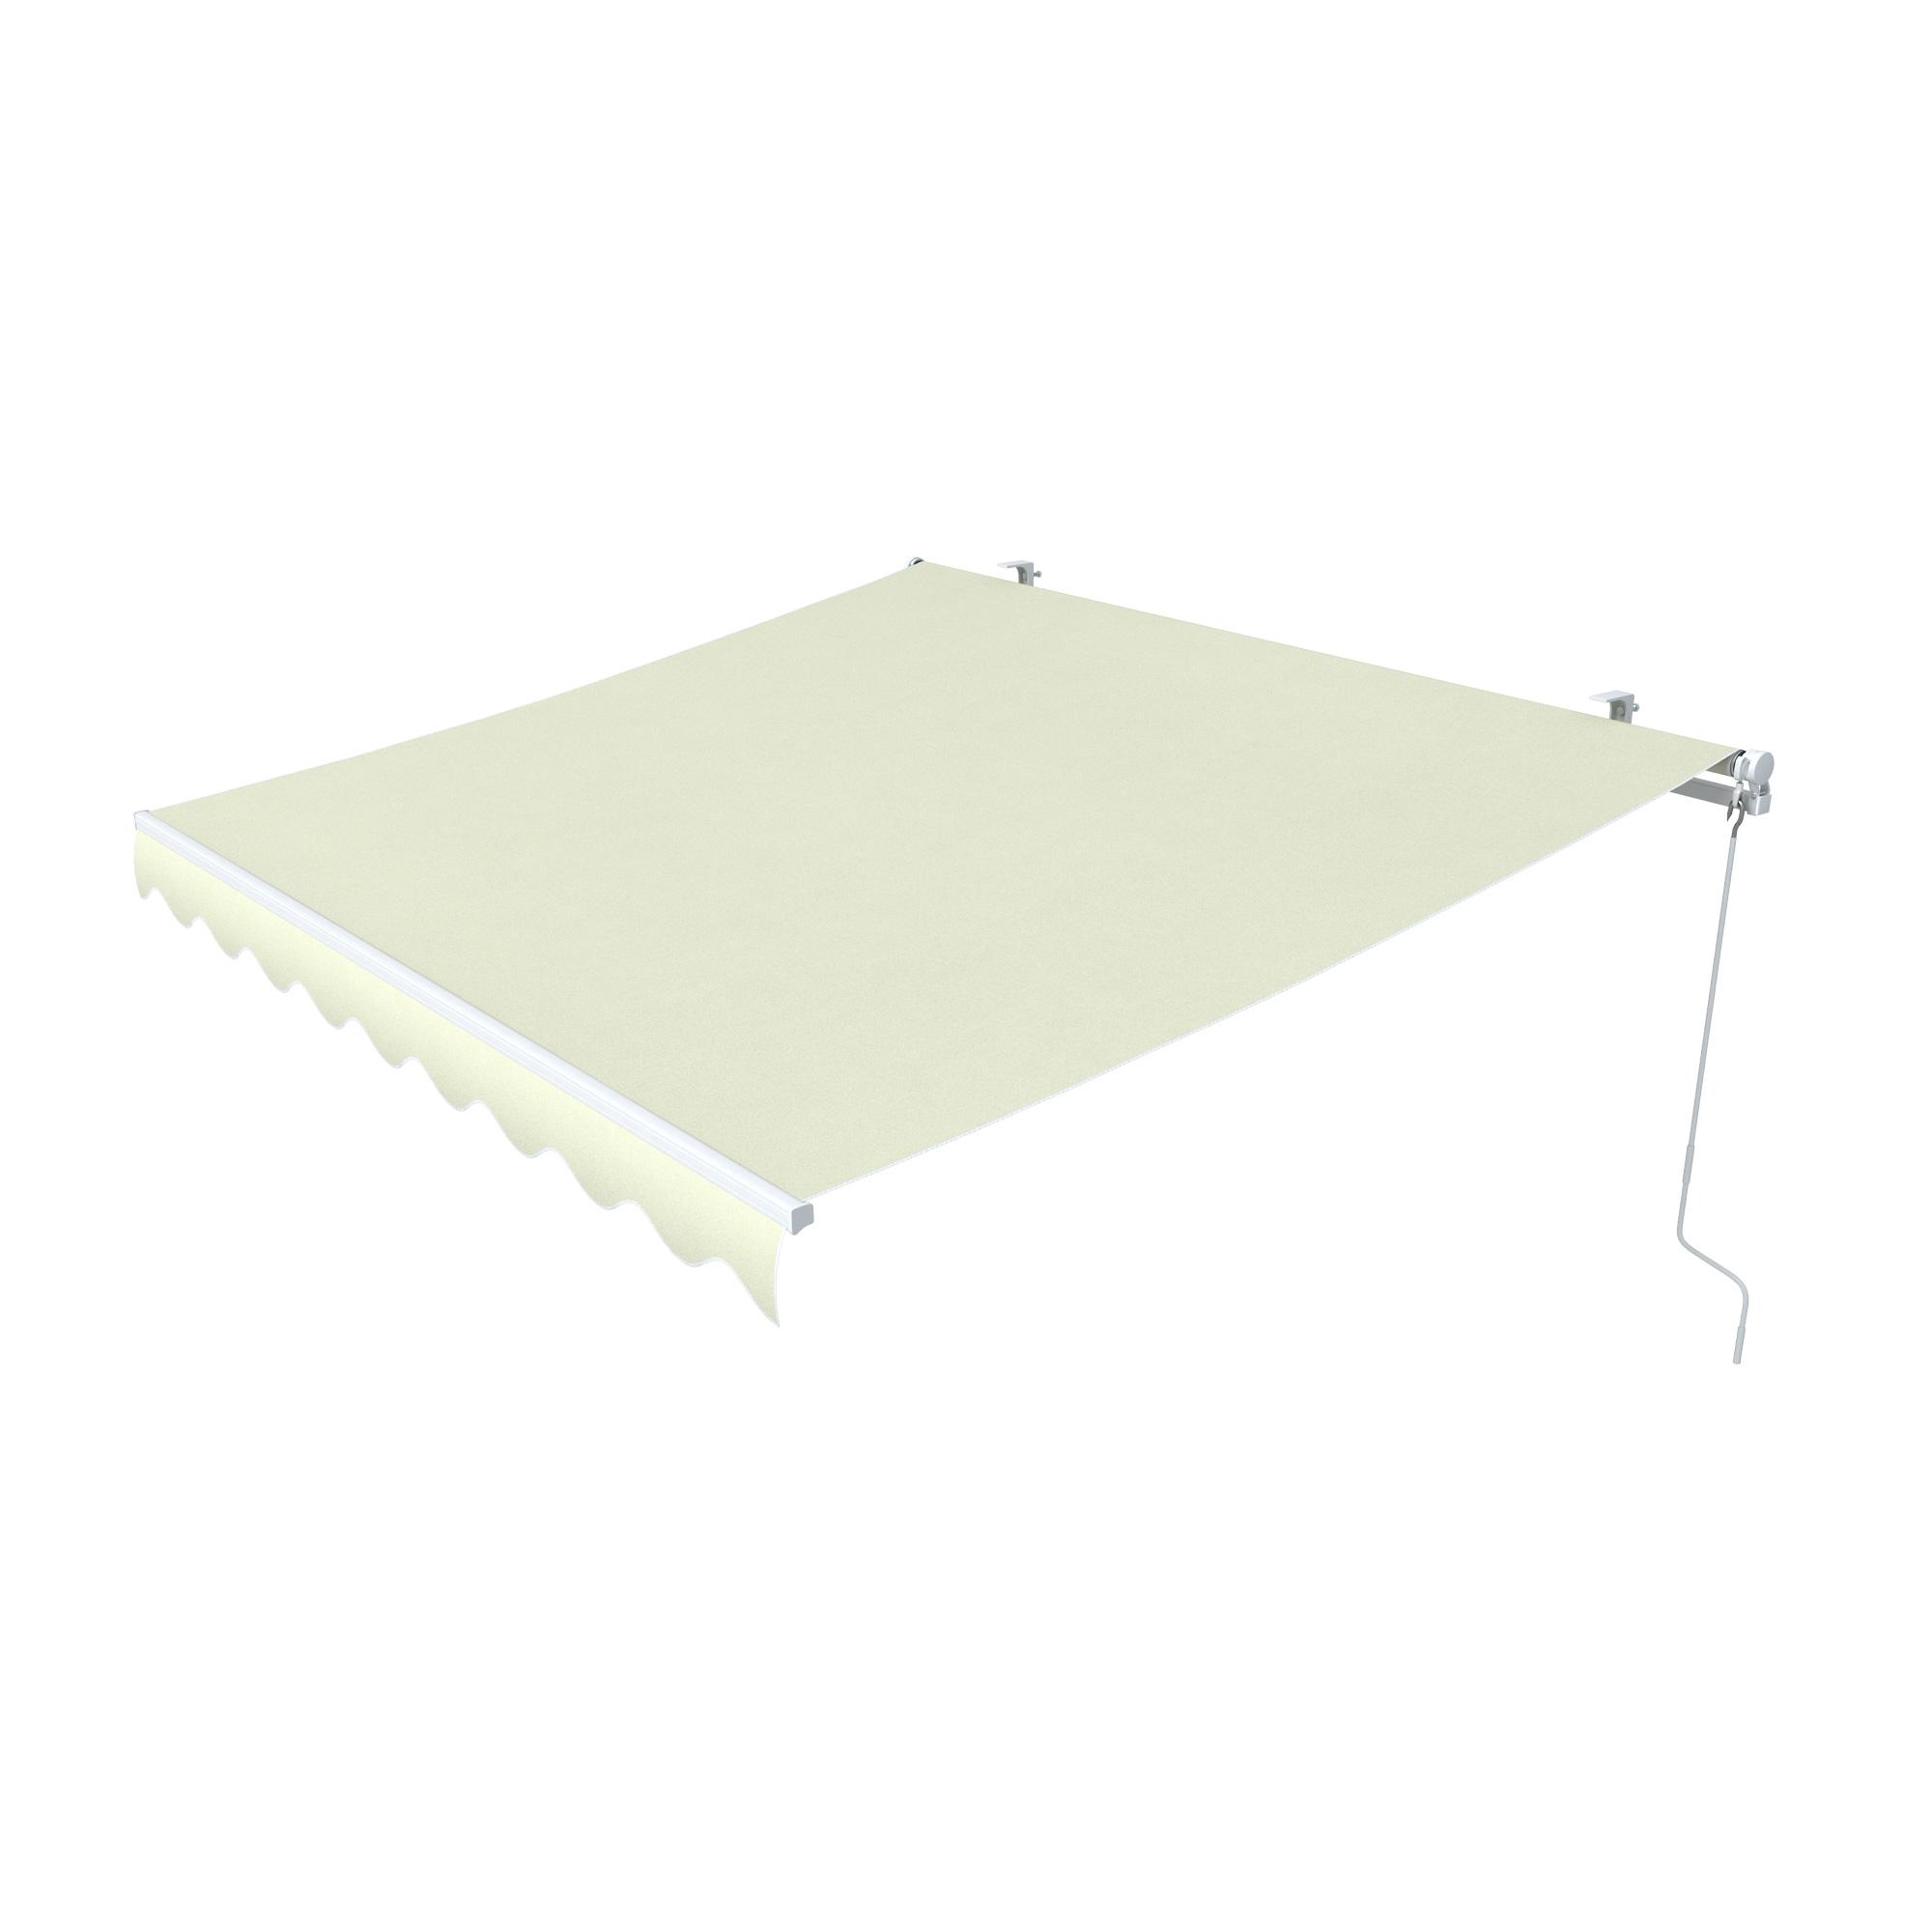 Markise-Sonnenschutz-Gelenkarmmarkise-Balkon-Handkurbel-295x200cm-Beige-B-Ware